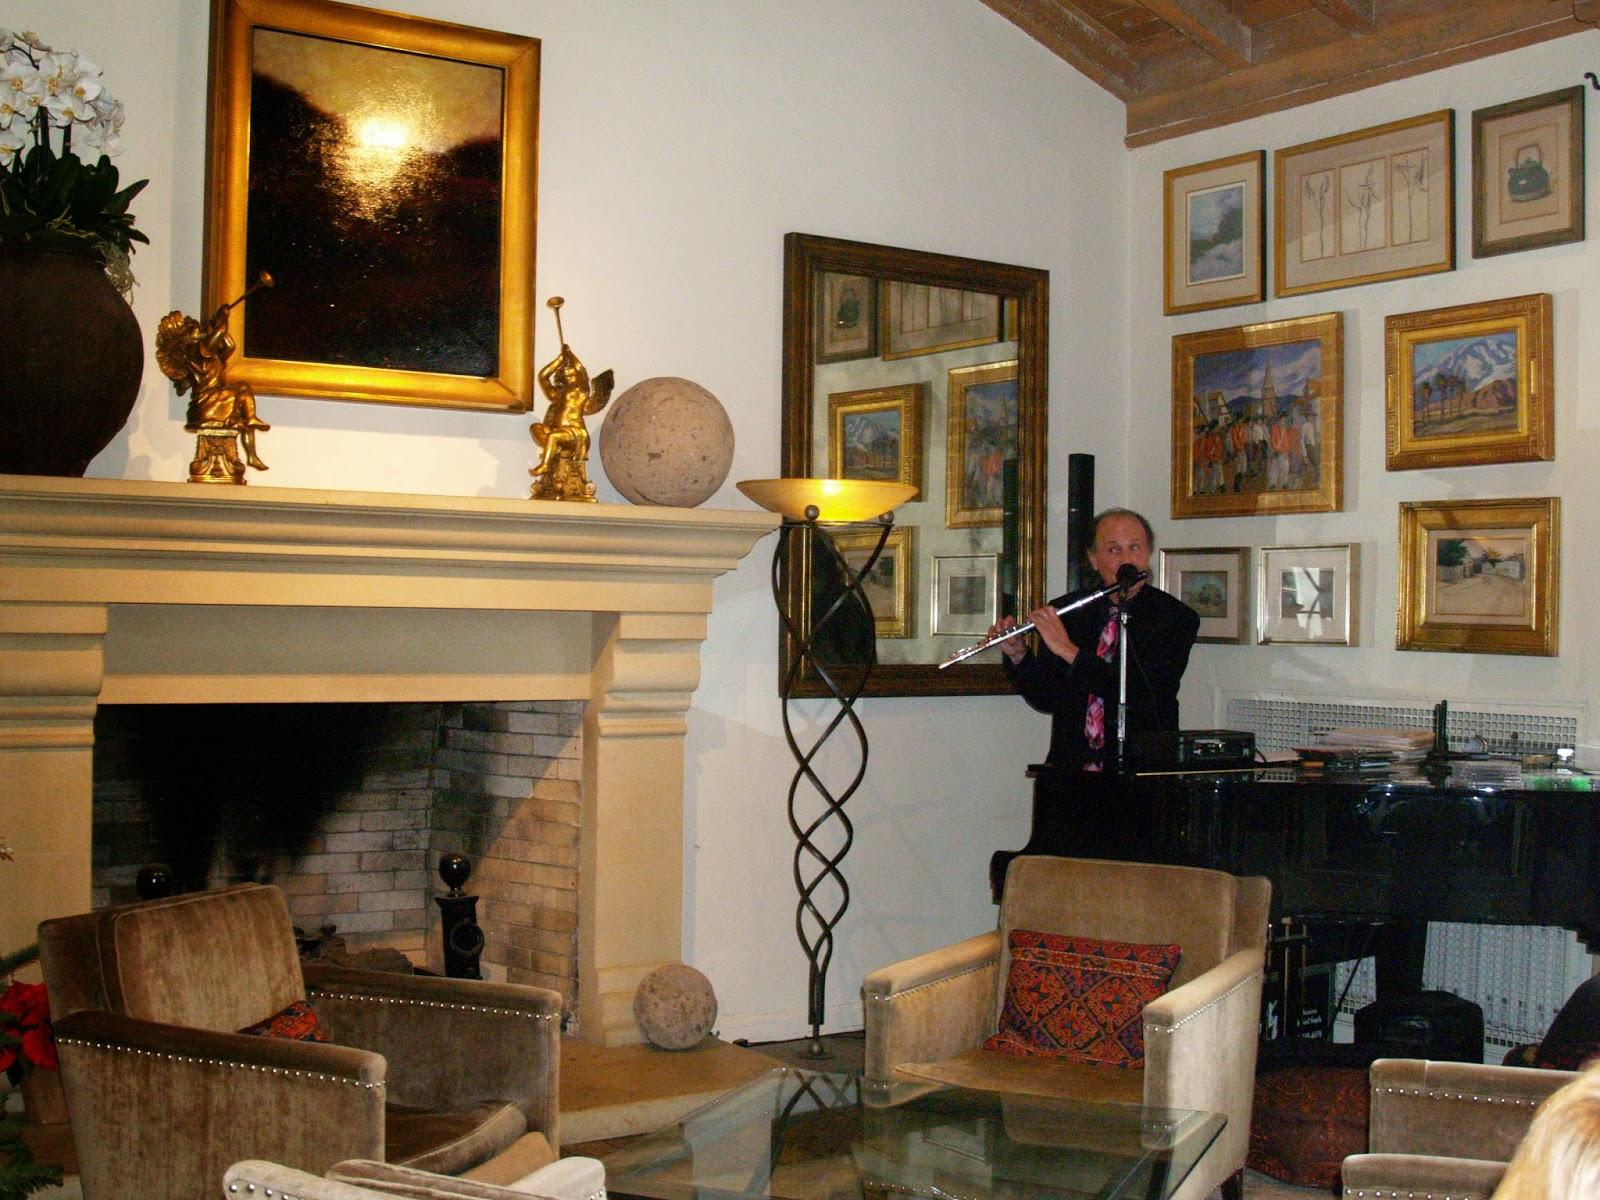 16th annual carmel inns of distinction 2014 part 2 the